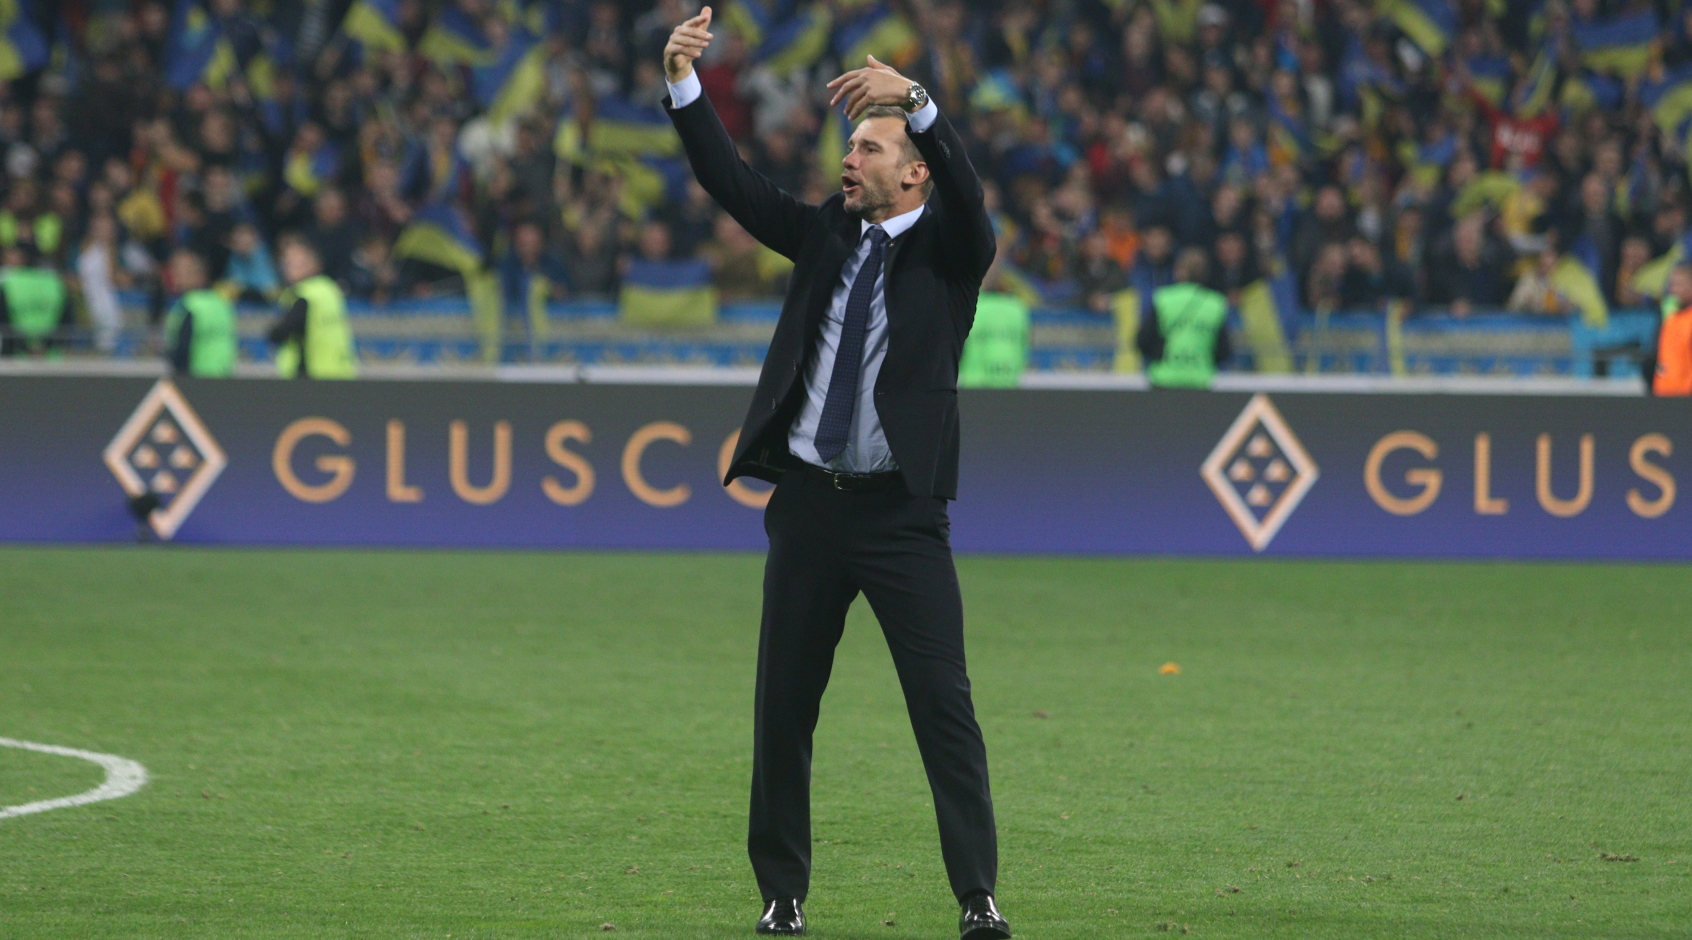 Андрей Шевченко попал в топ-12 игроков в истории Лиги чемпионов по отношению забитых голов к количеству матчей